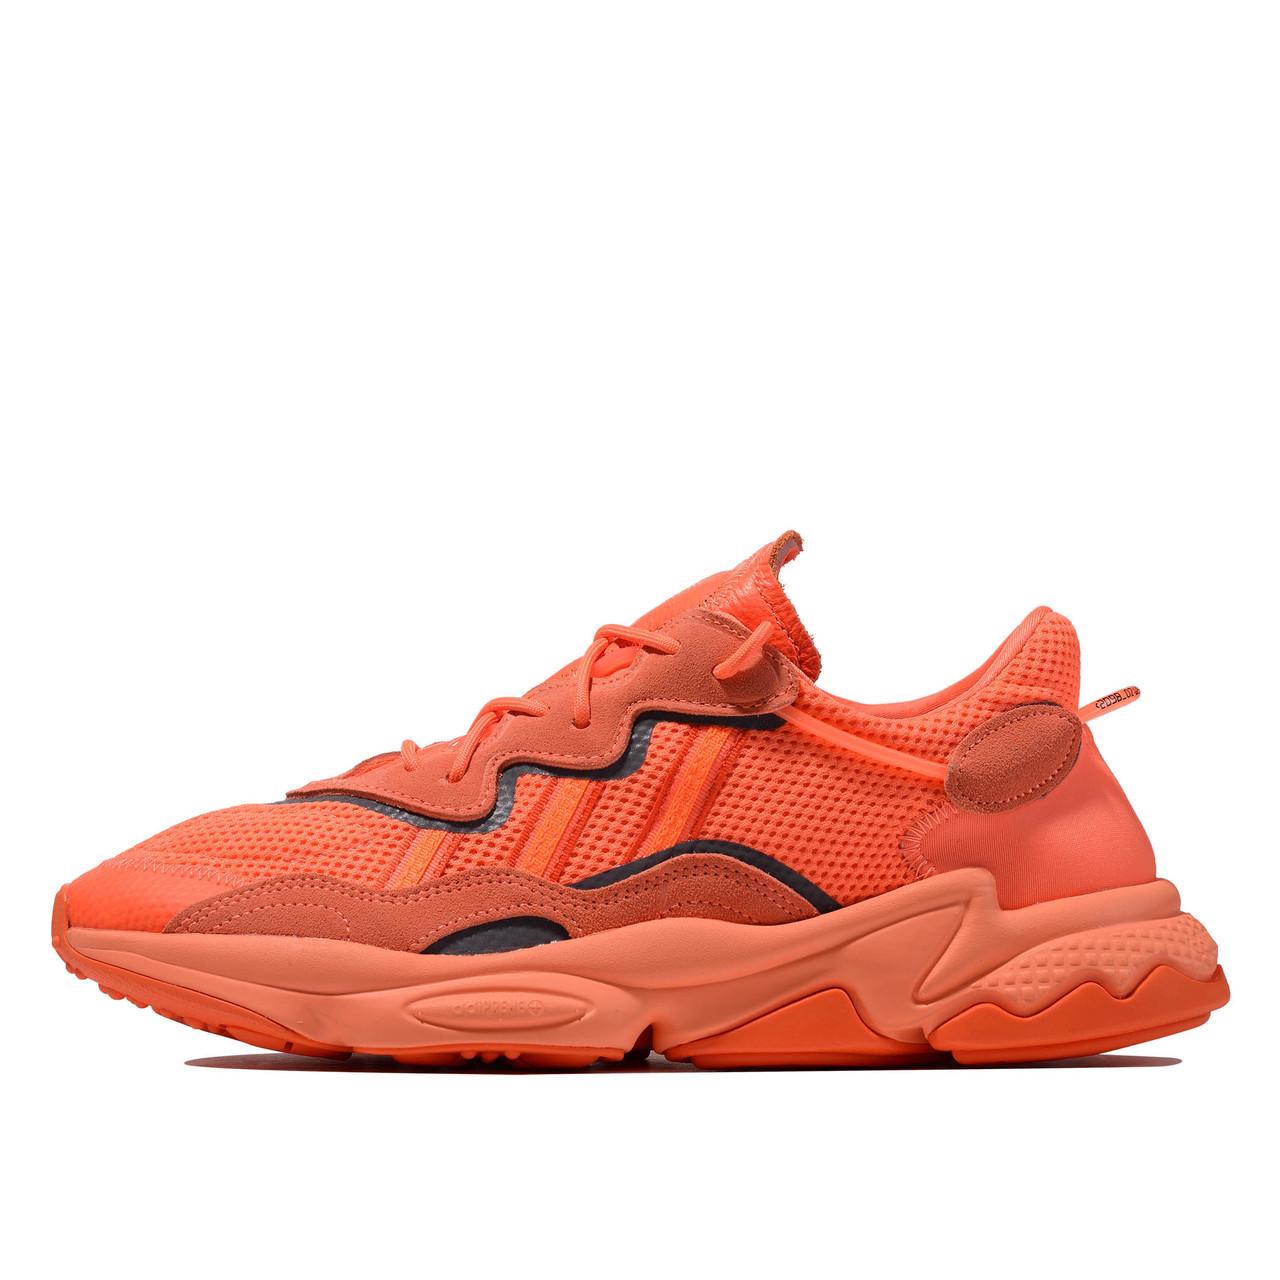 """Кроссовки Adidas Ozweego Semi Coral """"Оранжевые"""""""